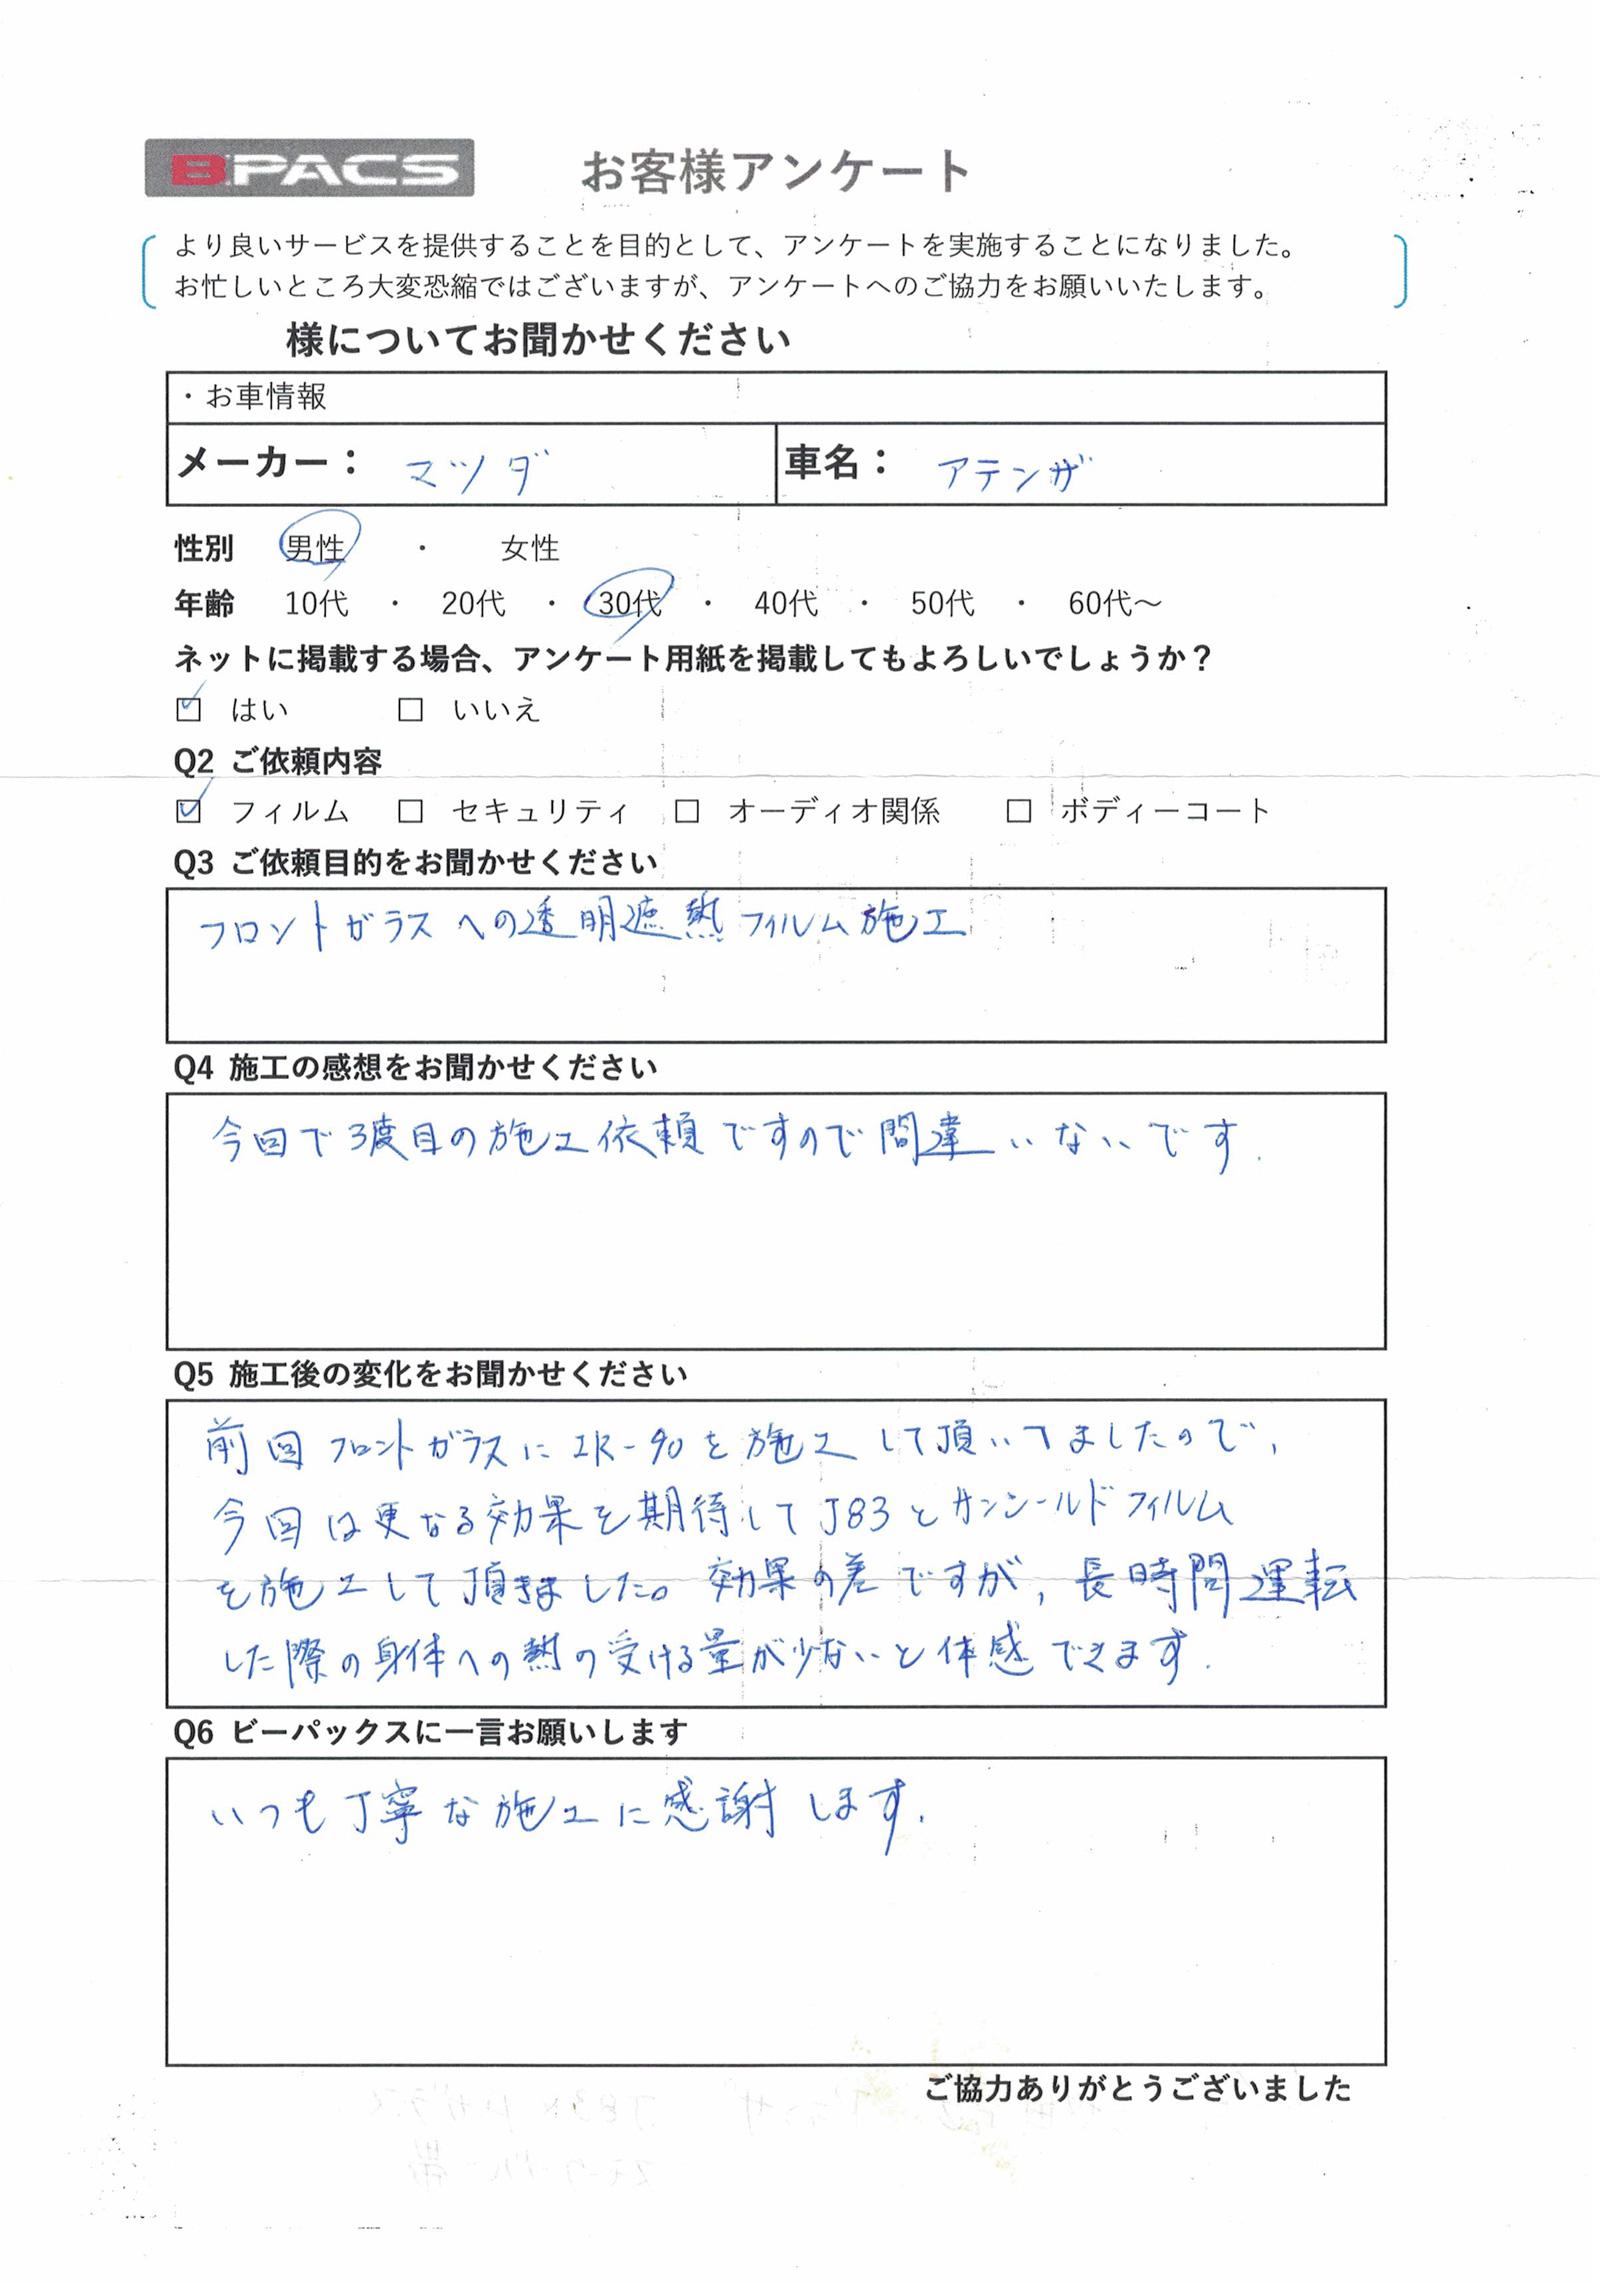 ビーパックスへのクチコミ/お客様の声:R.I. 様(大阪府摂津市)/マツダ アテンザ